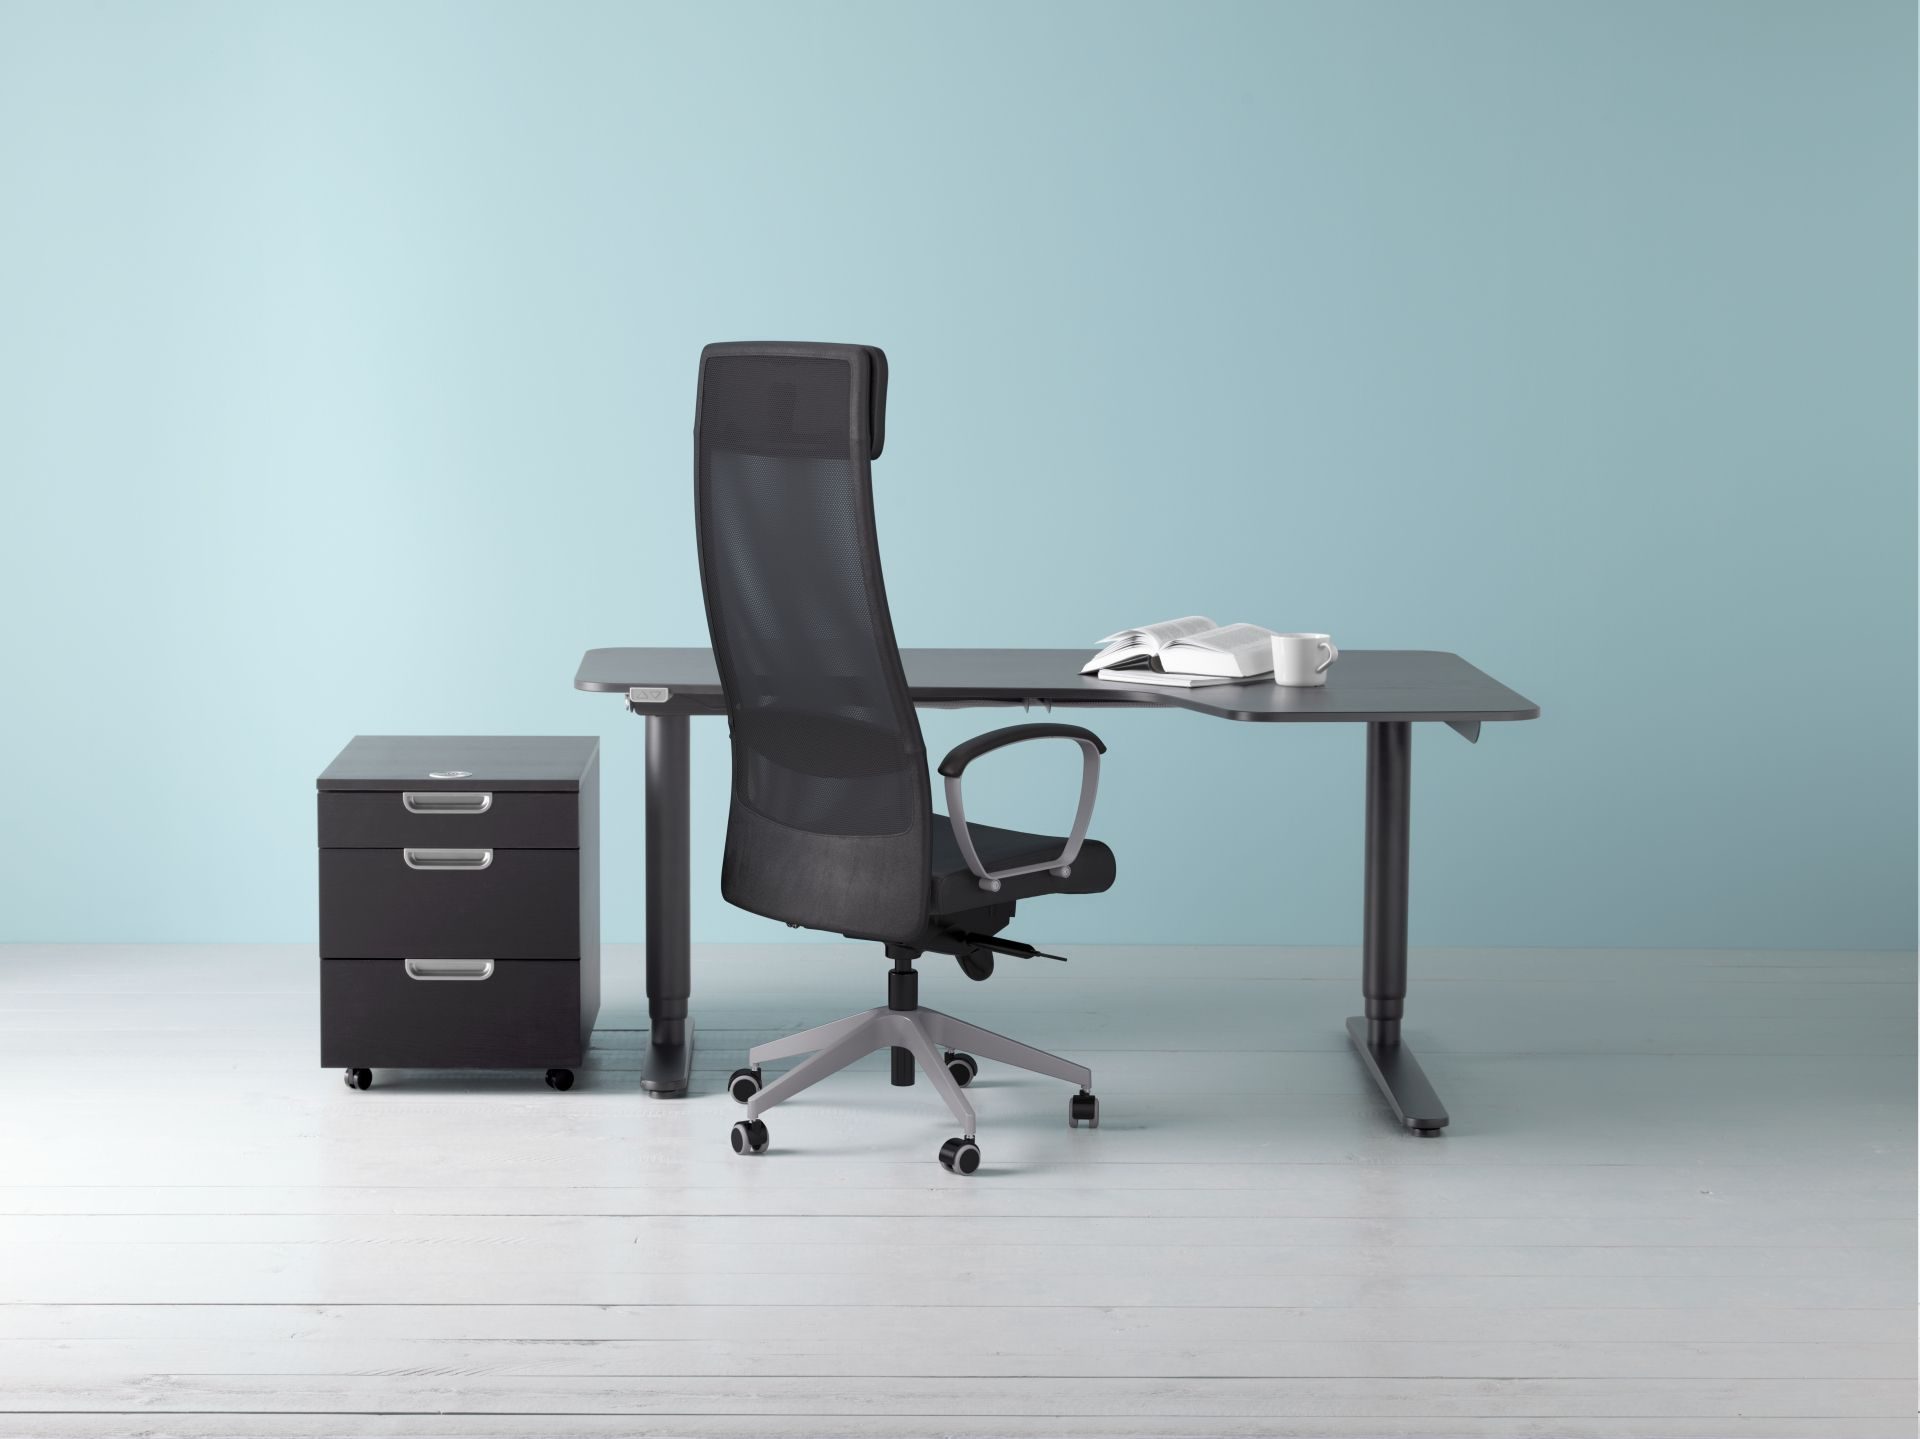 affordable markus bureaustoel nieuw ikea ikeanl bekant bureau zwart kantoor werk werken office. Black Bedroom Furniture Sets. Home Design Ideas